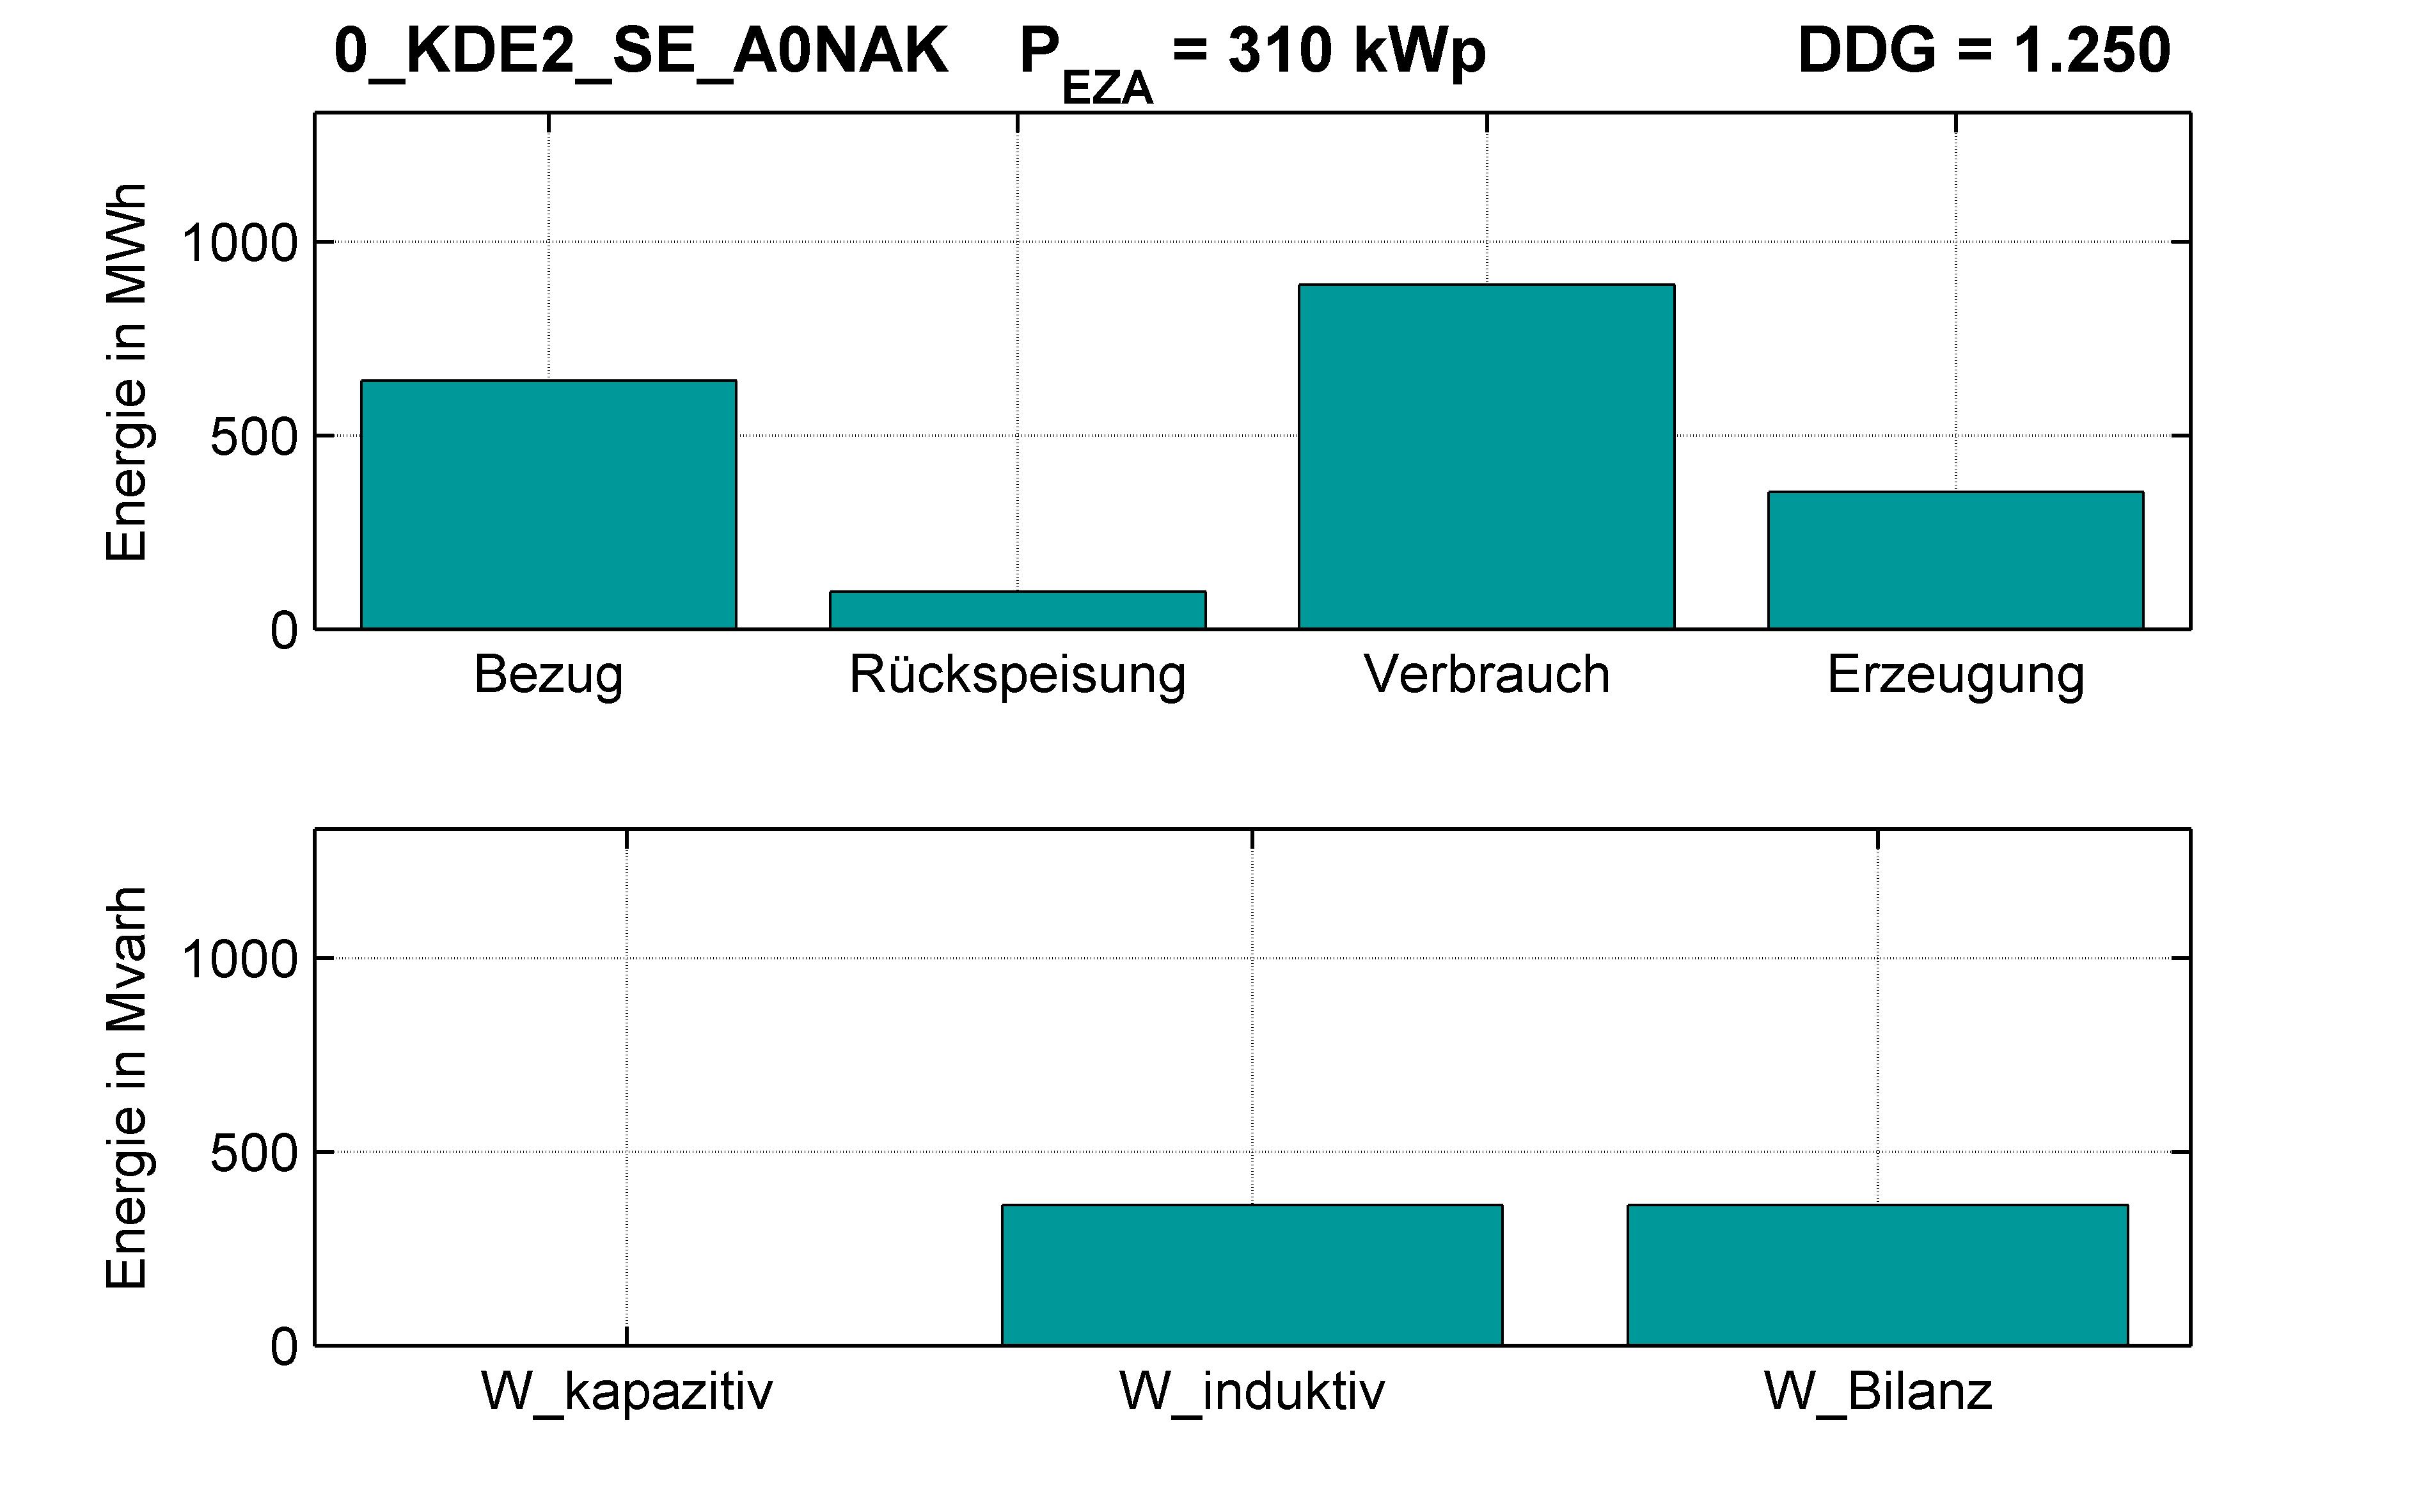 KDE2 | RONT (SE) A0NAK | PQ-Bilanz